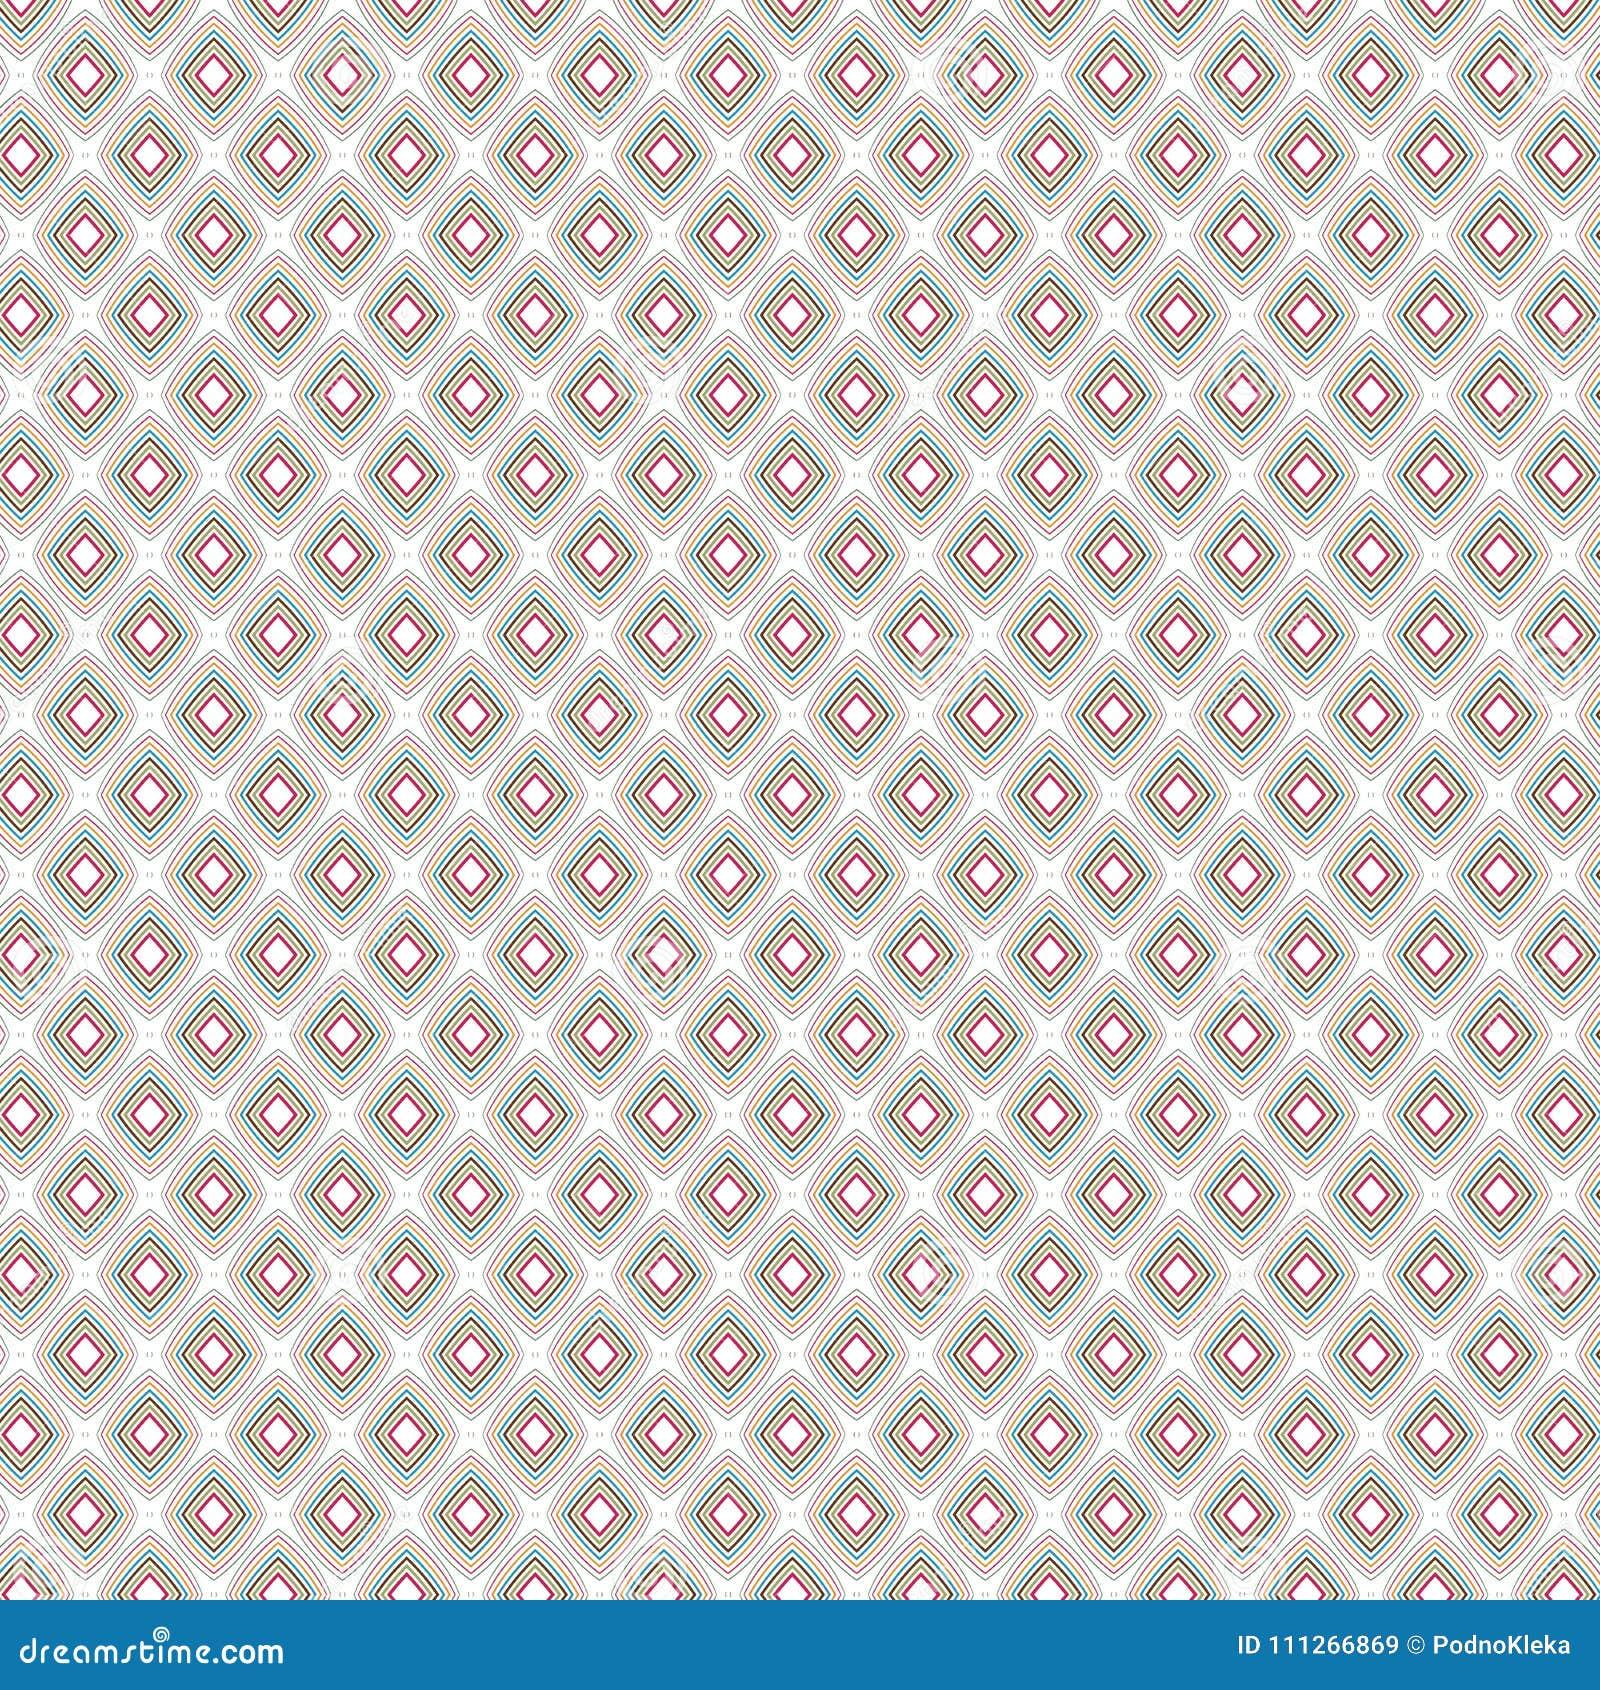 Stilfull infödd rombDiamond Ethnic Zig Zag Pattern bakgrund